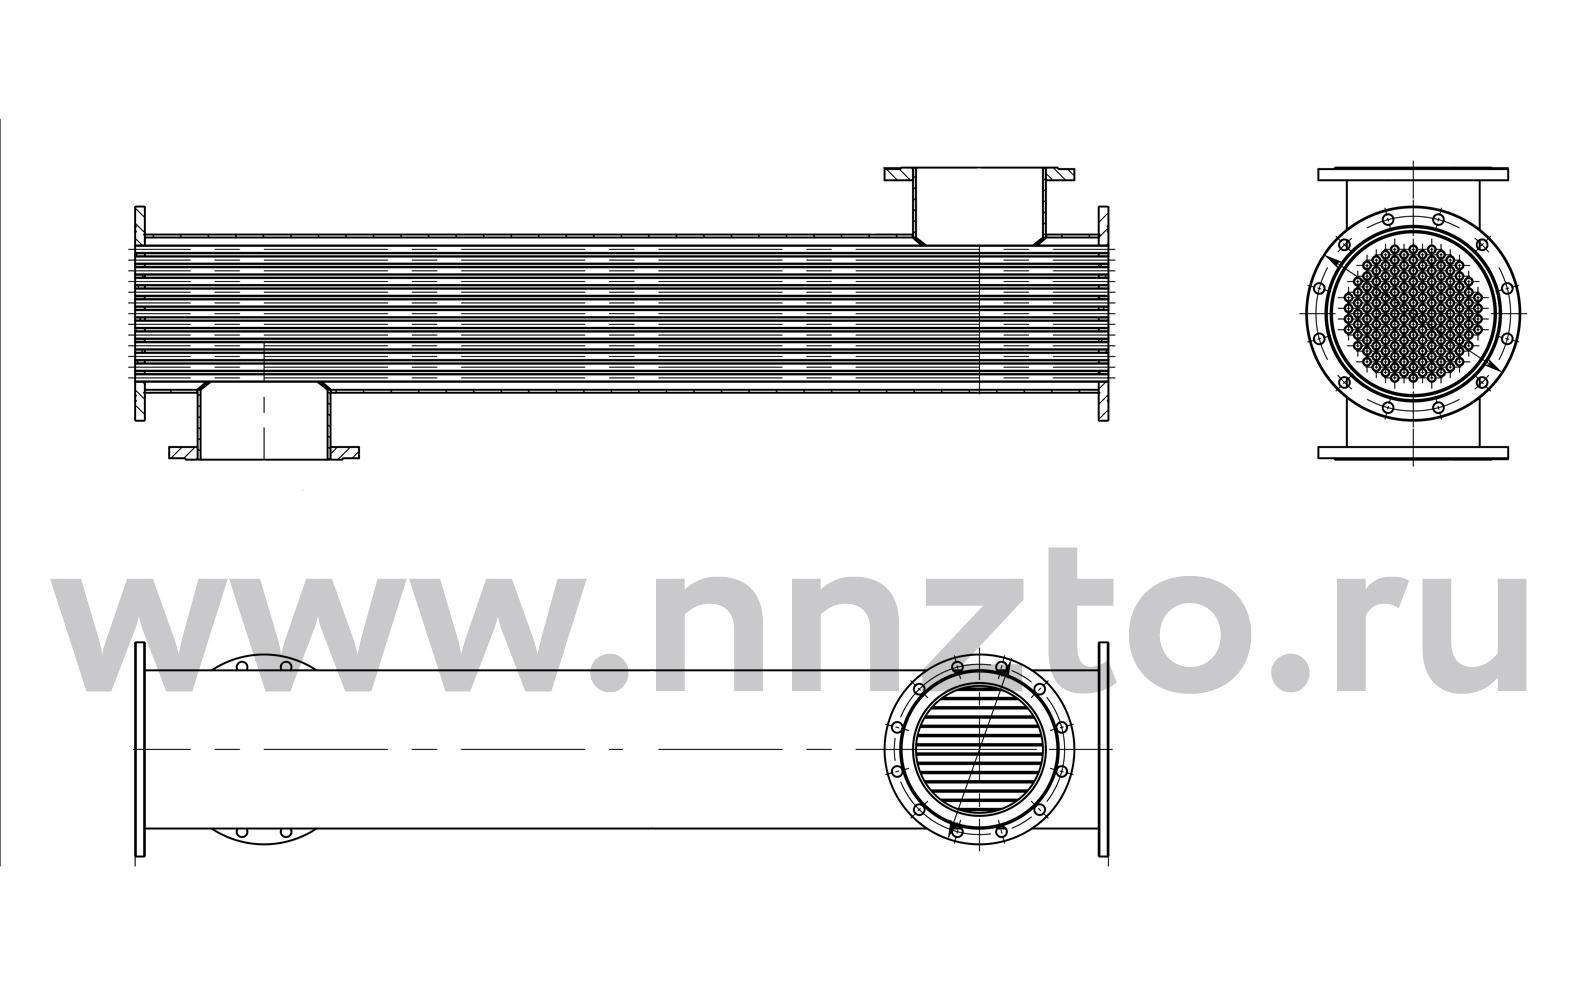 Теплообменник пв 325 цена Уплотнения теплообменника Alfa Laval AQ2A-MFG Канск